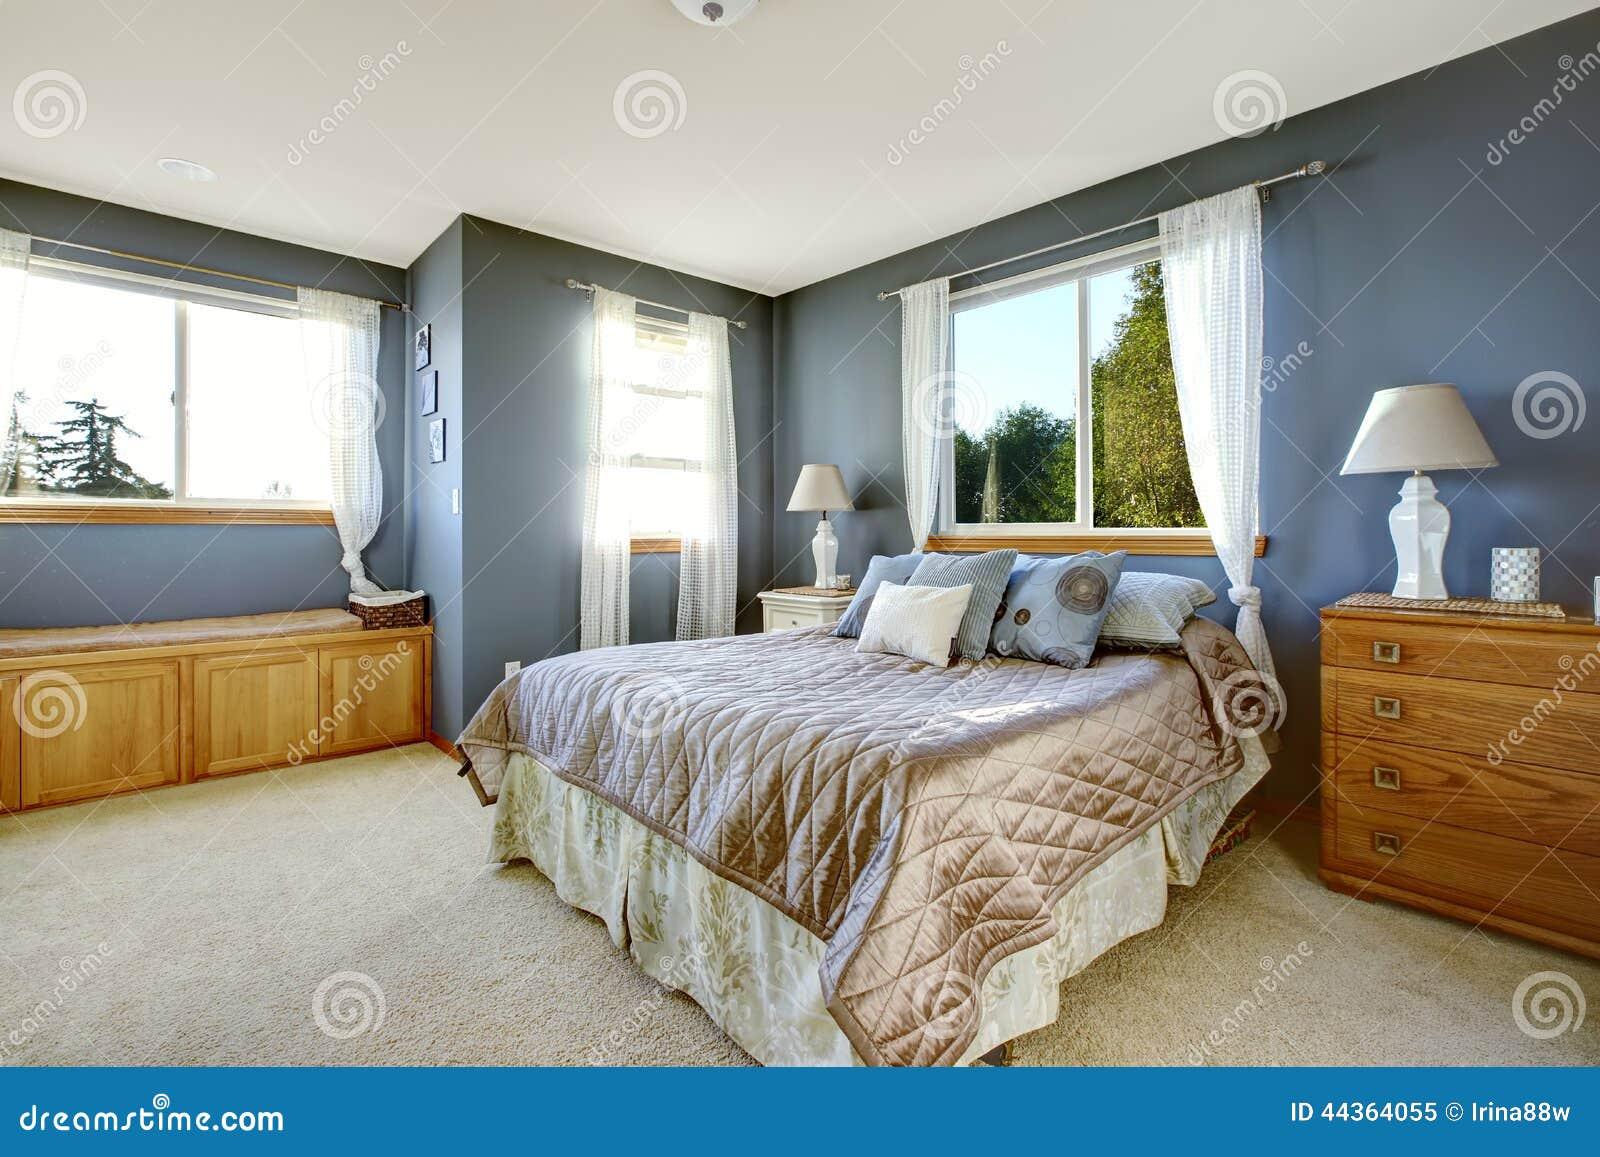 Organizzazione Interna Della Camera : Interno della camera da letto con le pareti della marina ed il